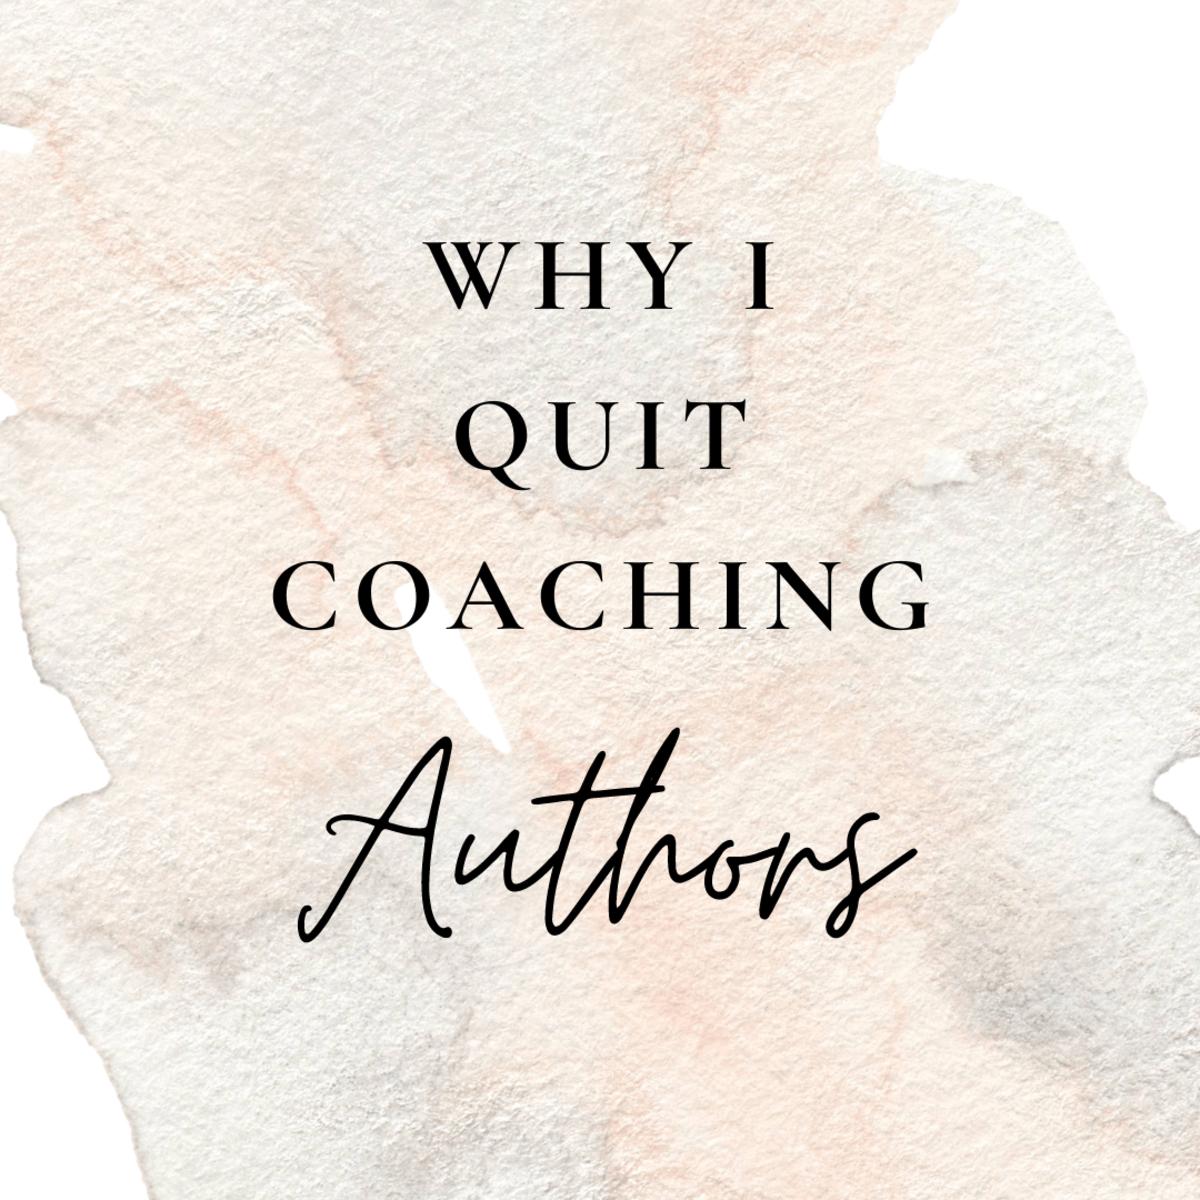 Author coaching isn't easy. I explain why.